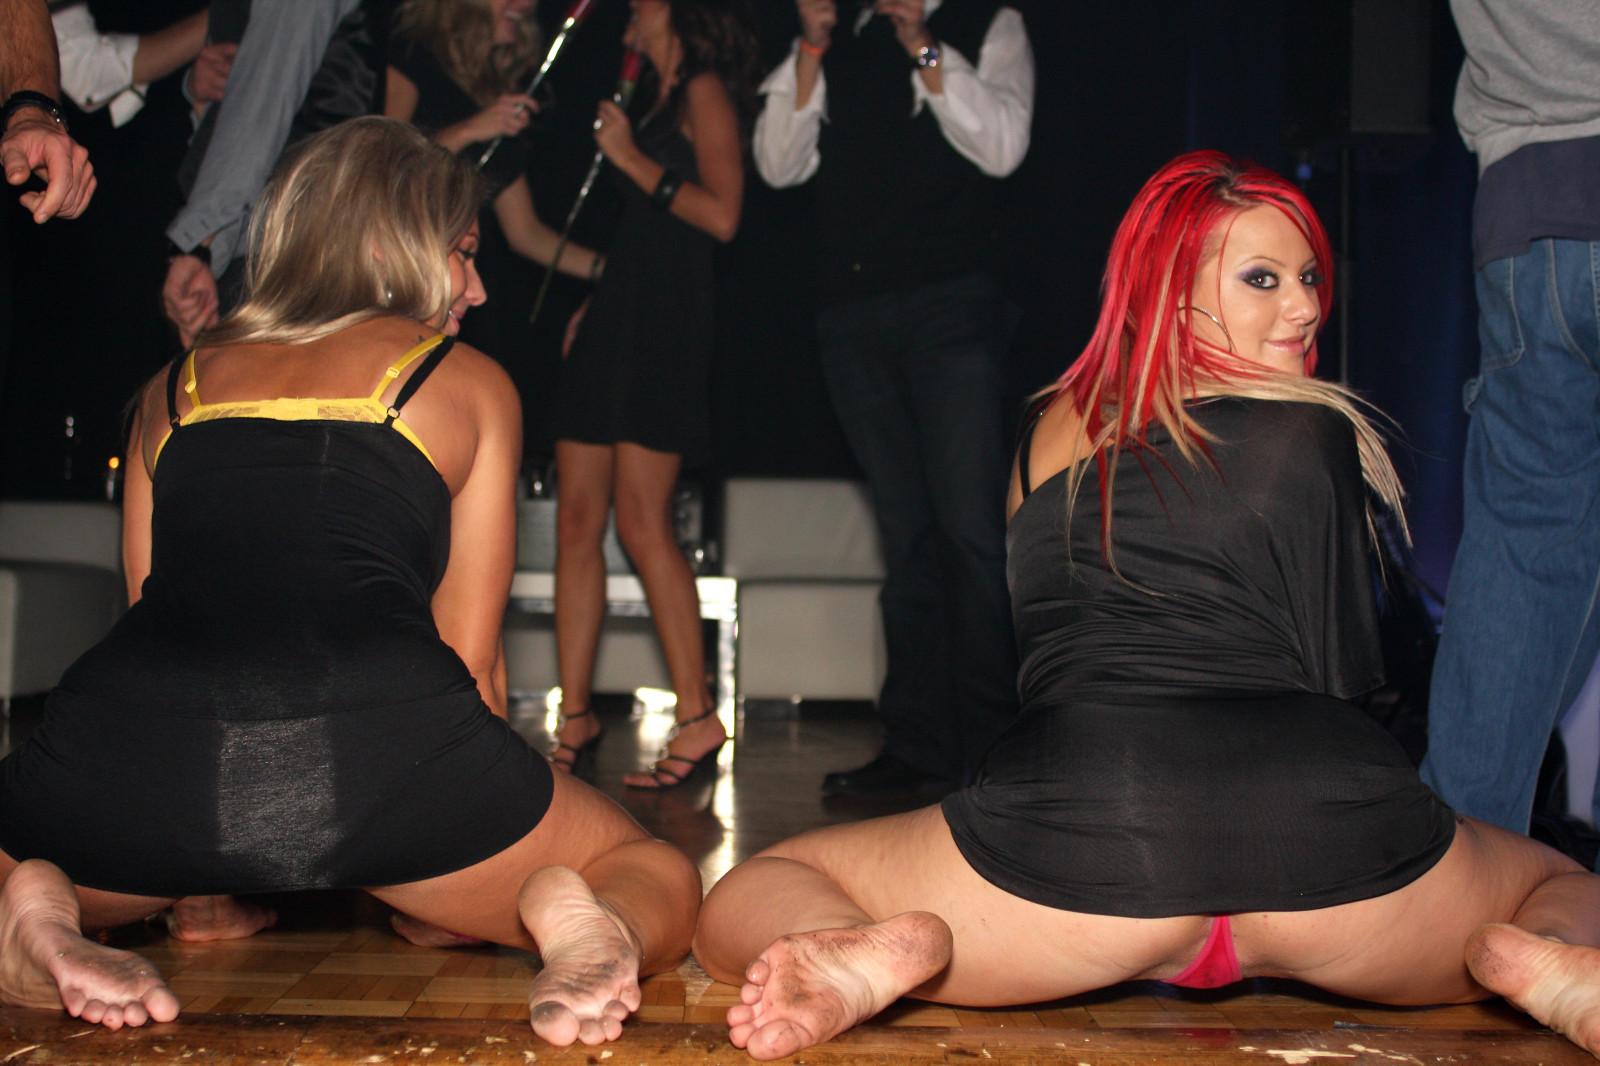 танцует в платье без трусиков - 1